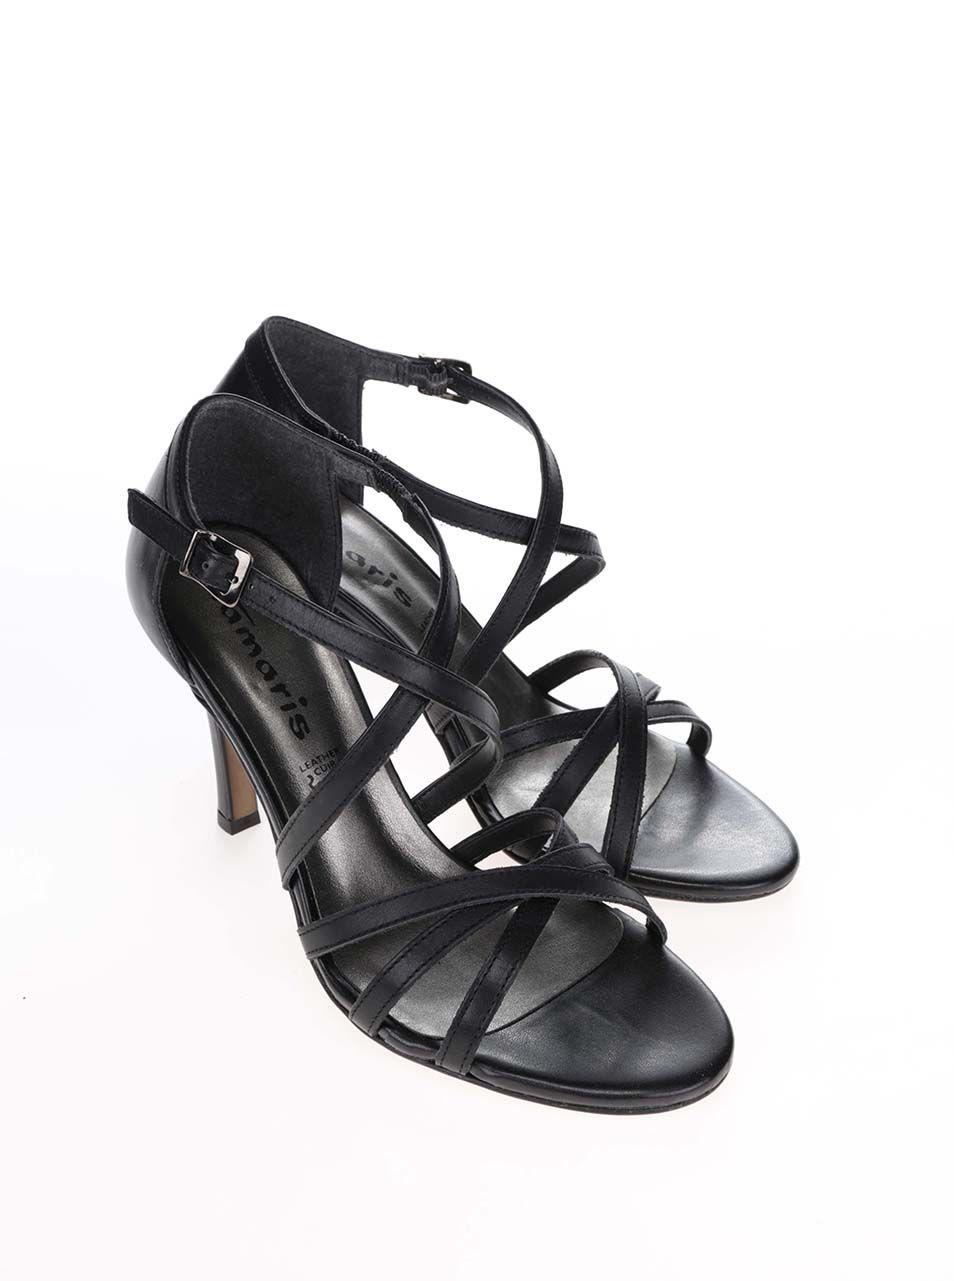 6d7ebd87ccd Černé kožené páskové boty na jehlovém podpatku Tamaris